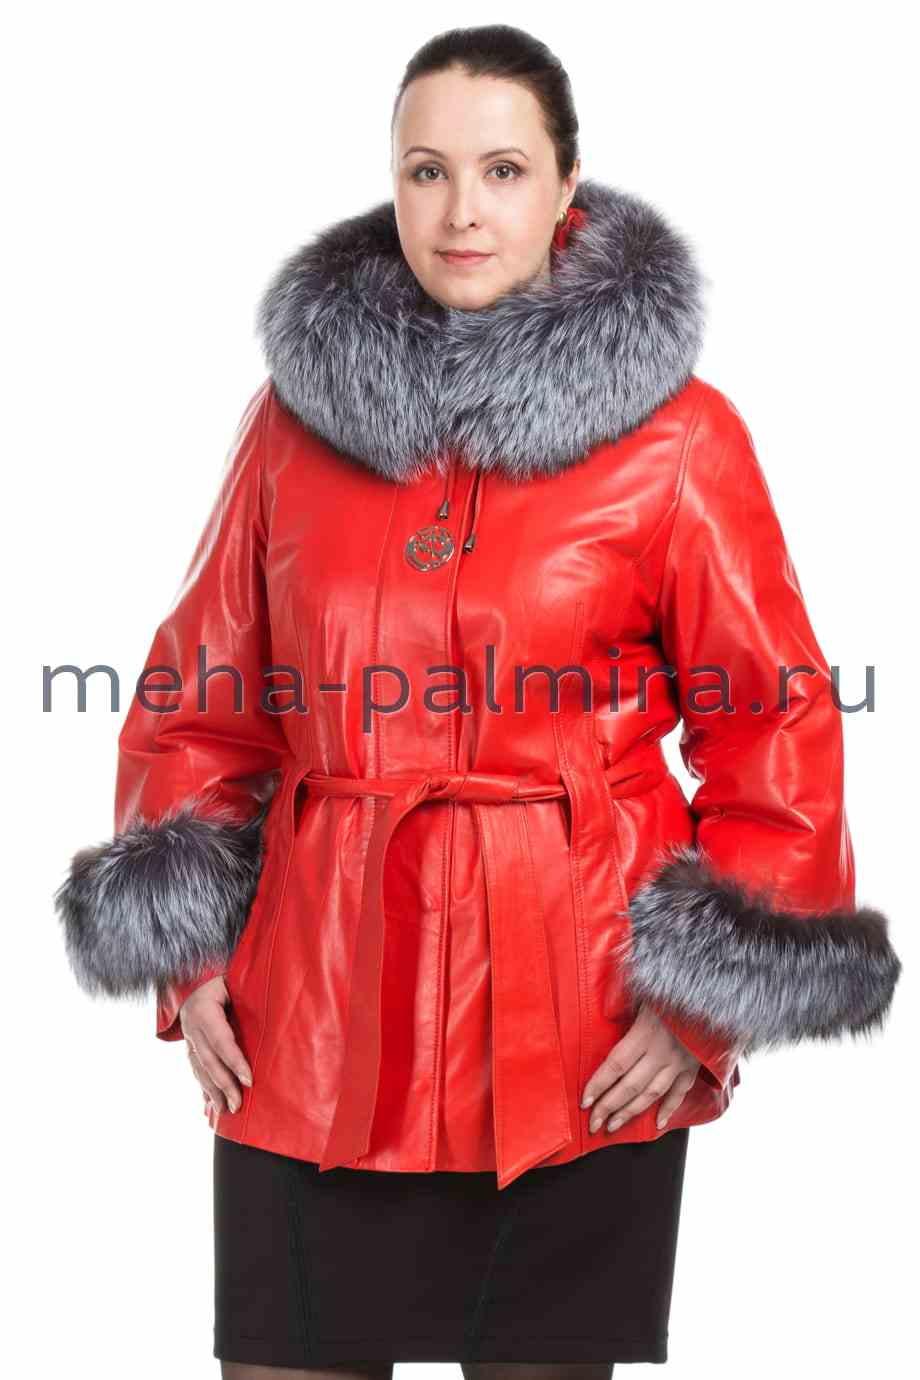 Коралловая удлиненная куртка из натуральной кожи, капюшон с чернобуркой